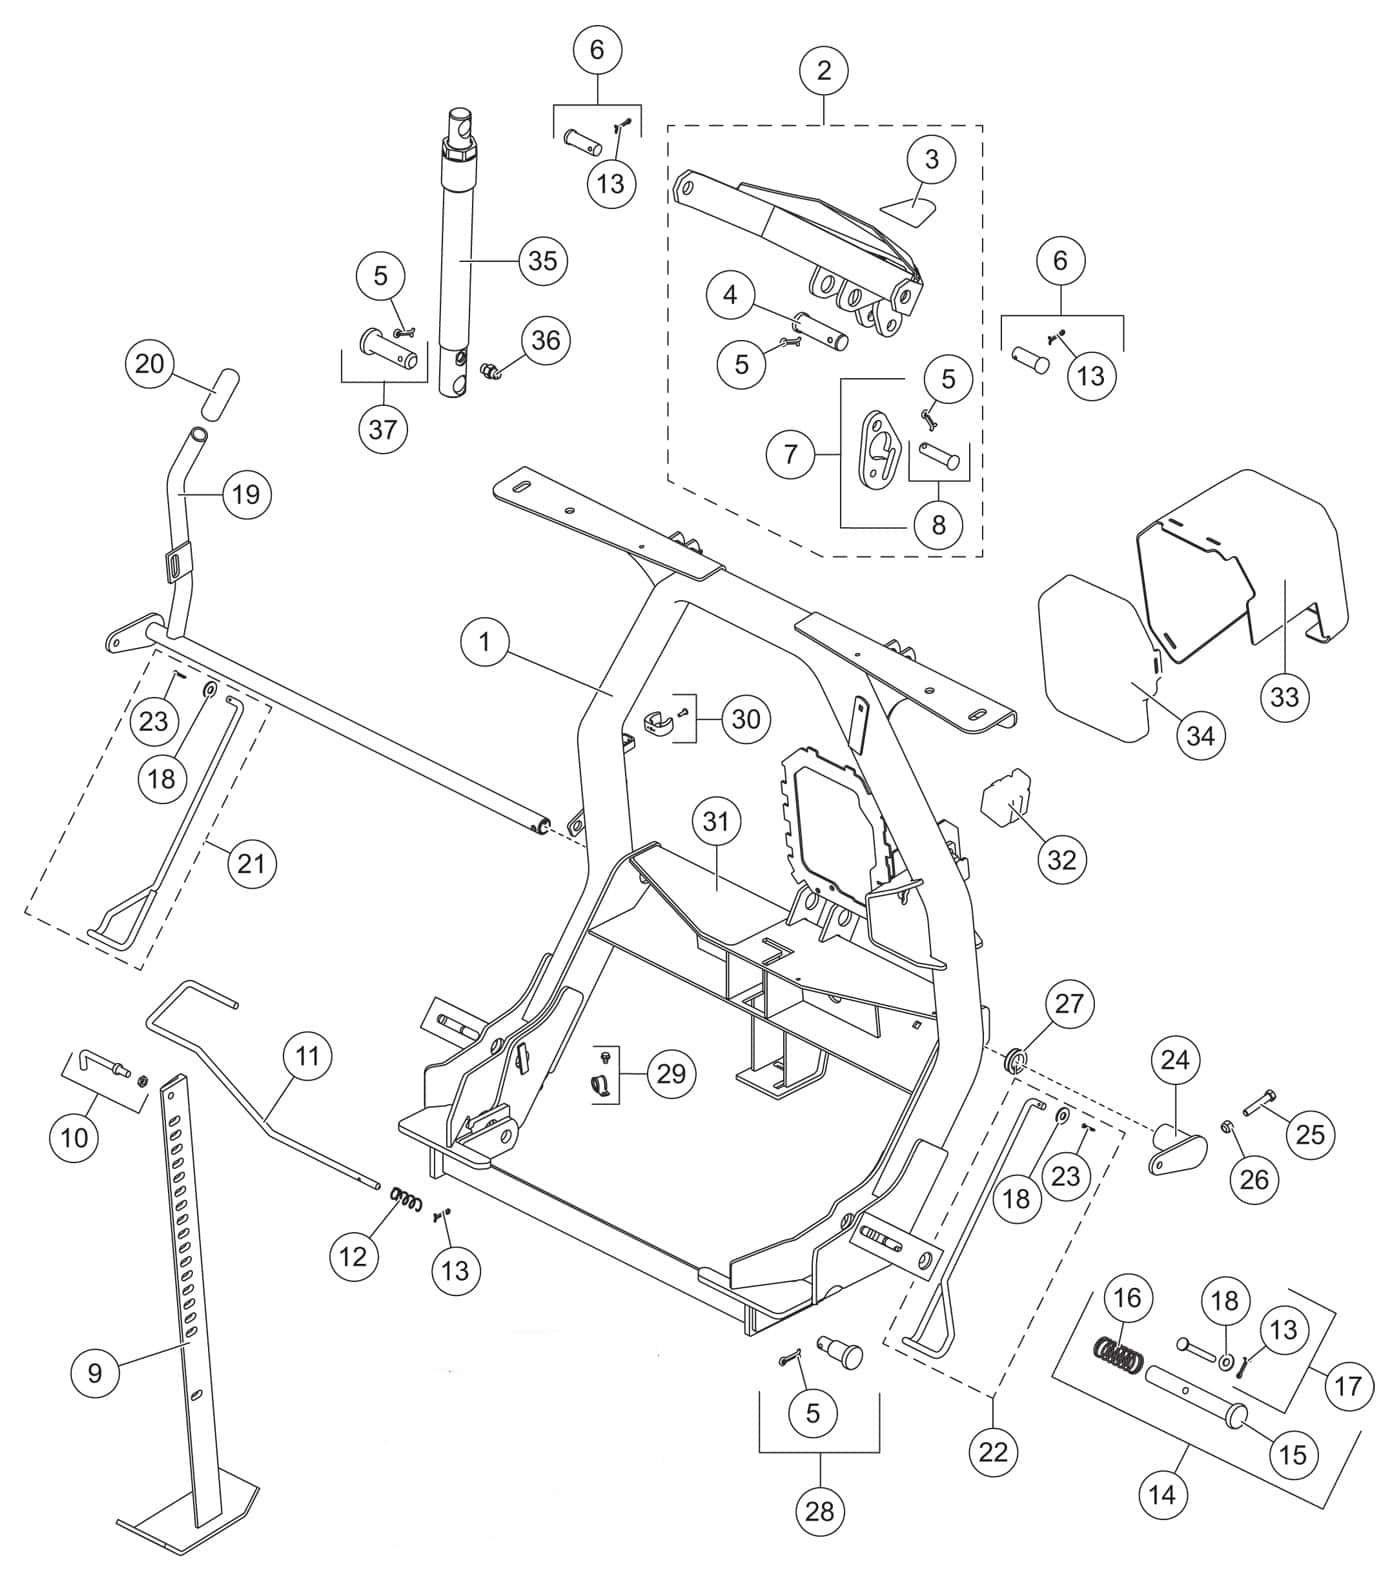 Hd2 headgear ponents diagram